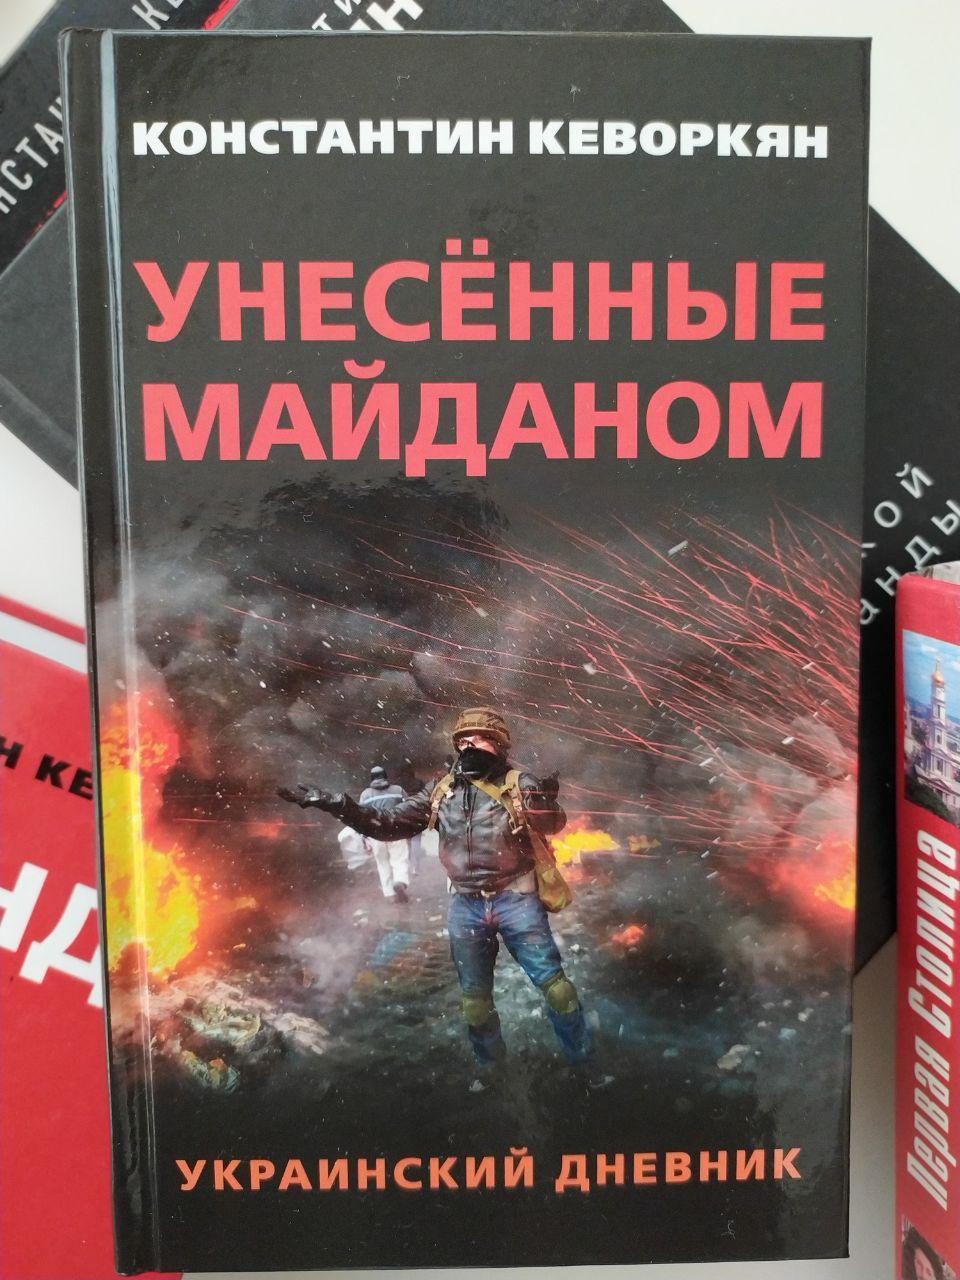 В Донецке состоялась скайп-презентация книги «Унесенные Майданом»